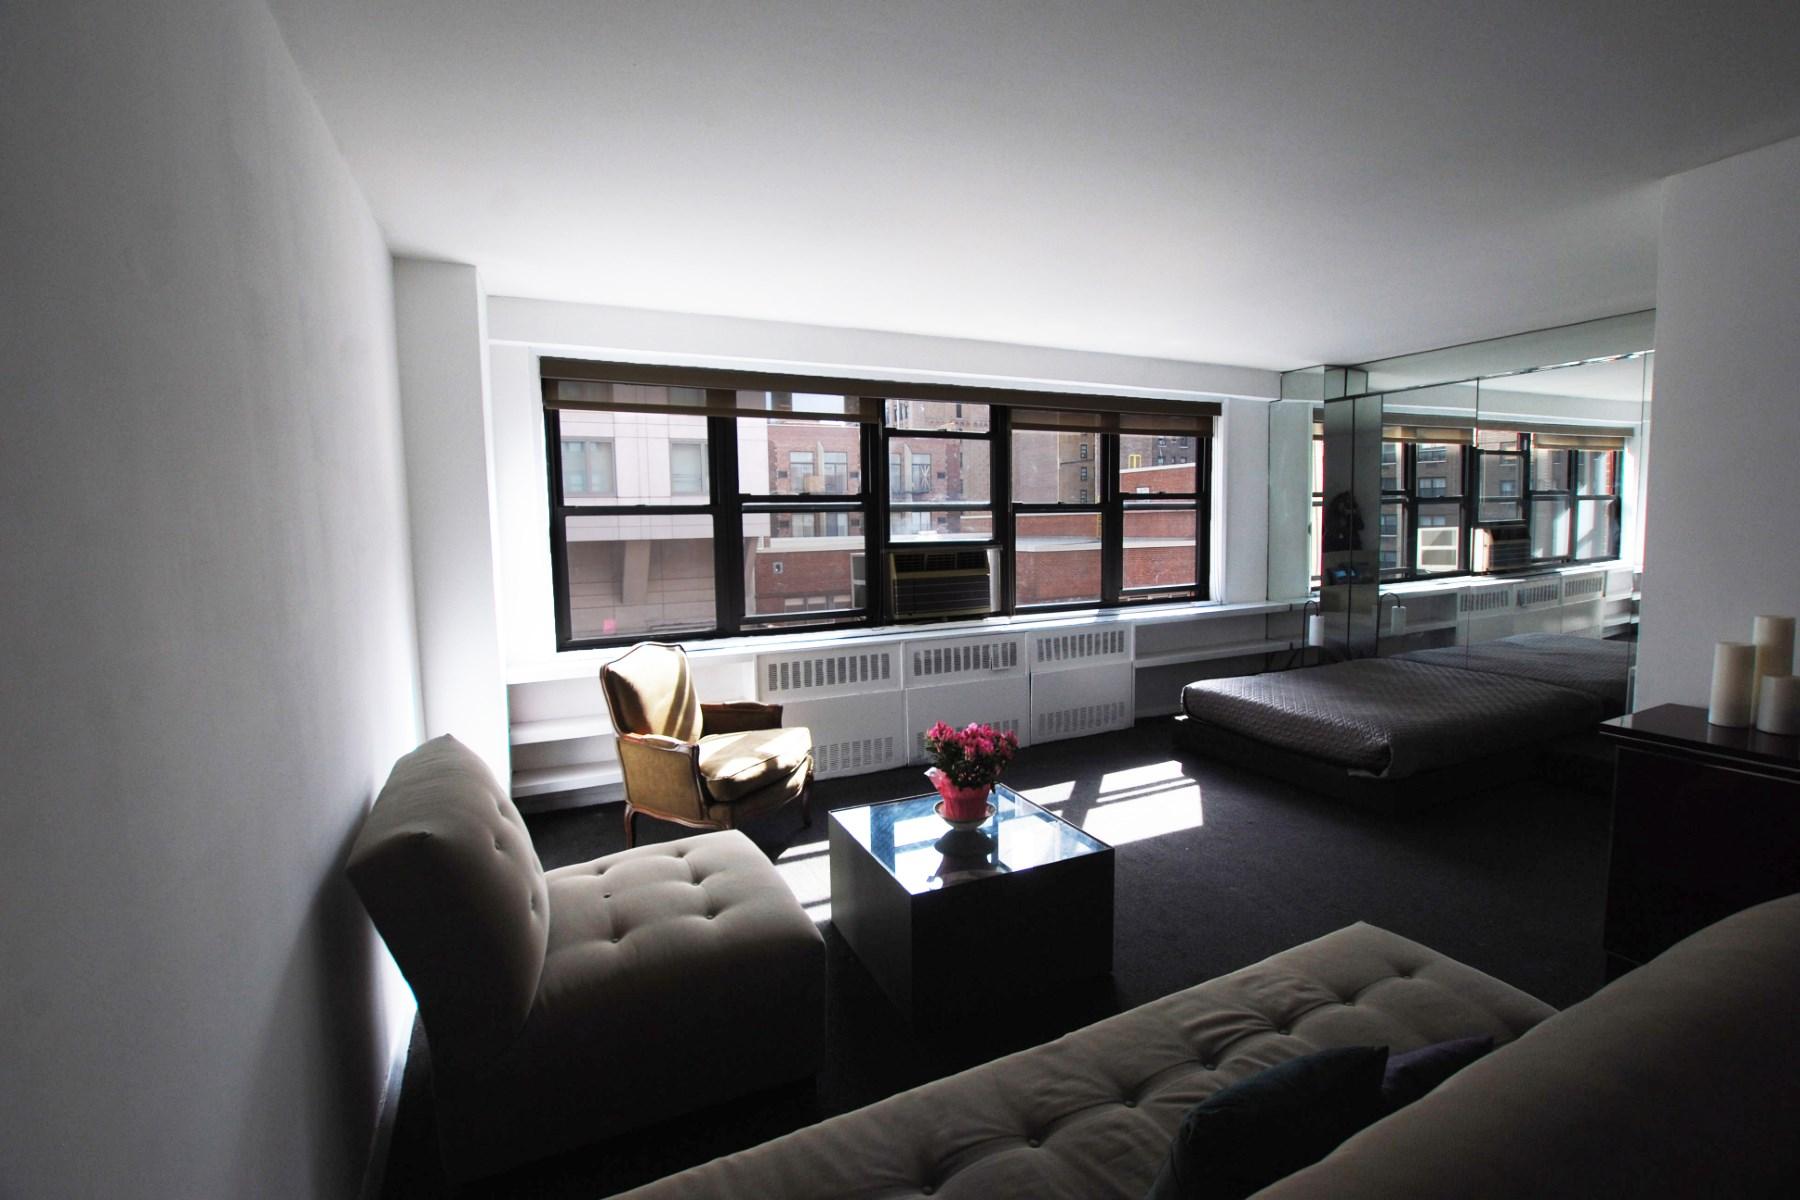 Кооперативная квартира для того Продажа на 330 Third Ave, 7J 330 Third Avenue Apt 7j Gramercy Park, New York, Нью-Йорк 10010 Соединенные Штаты